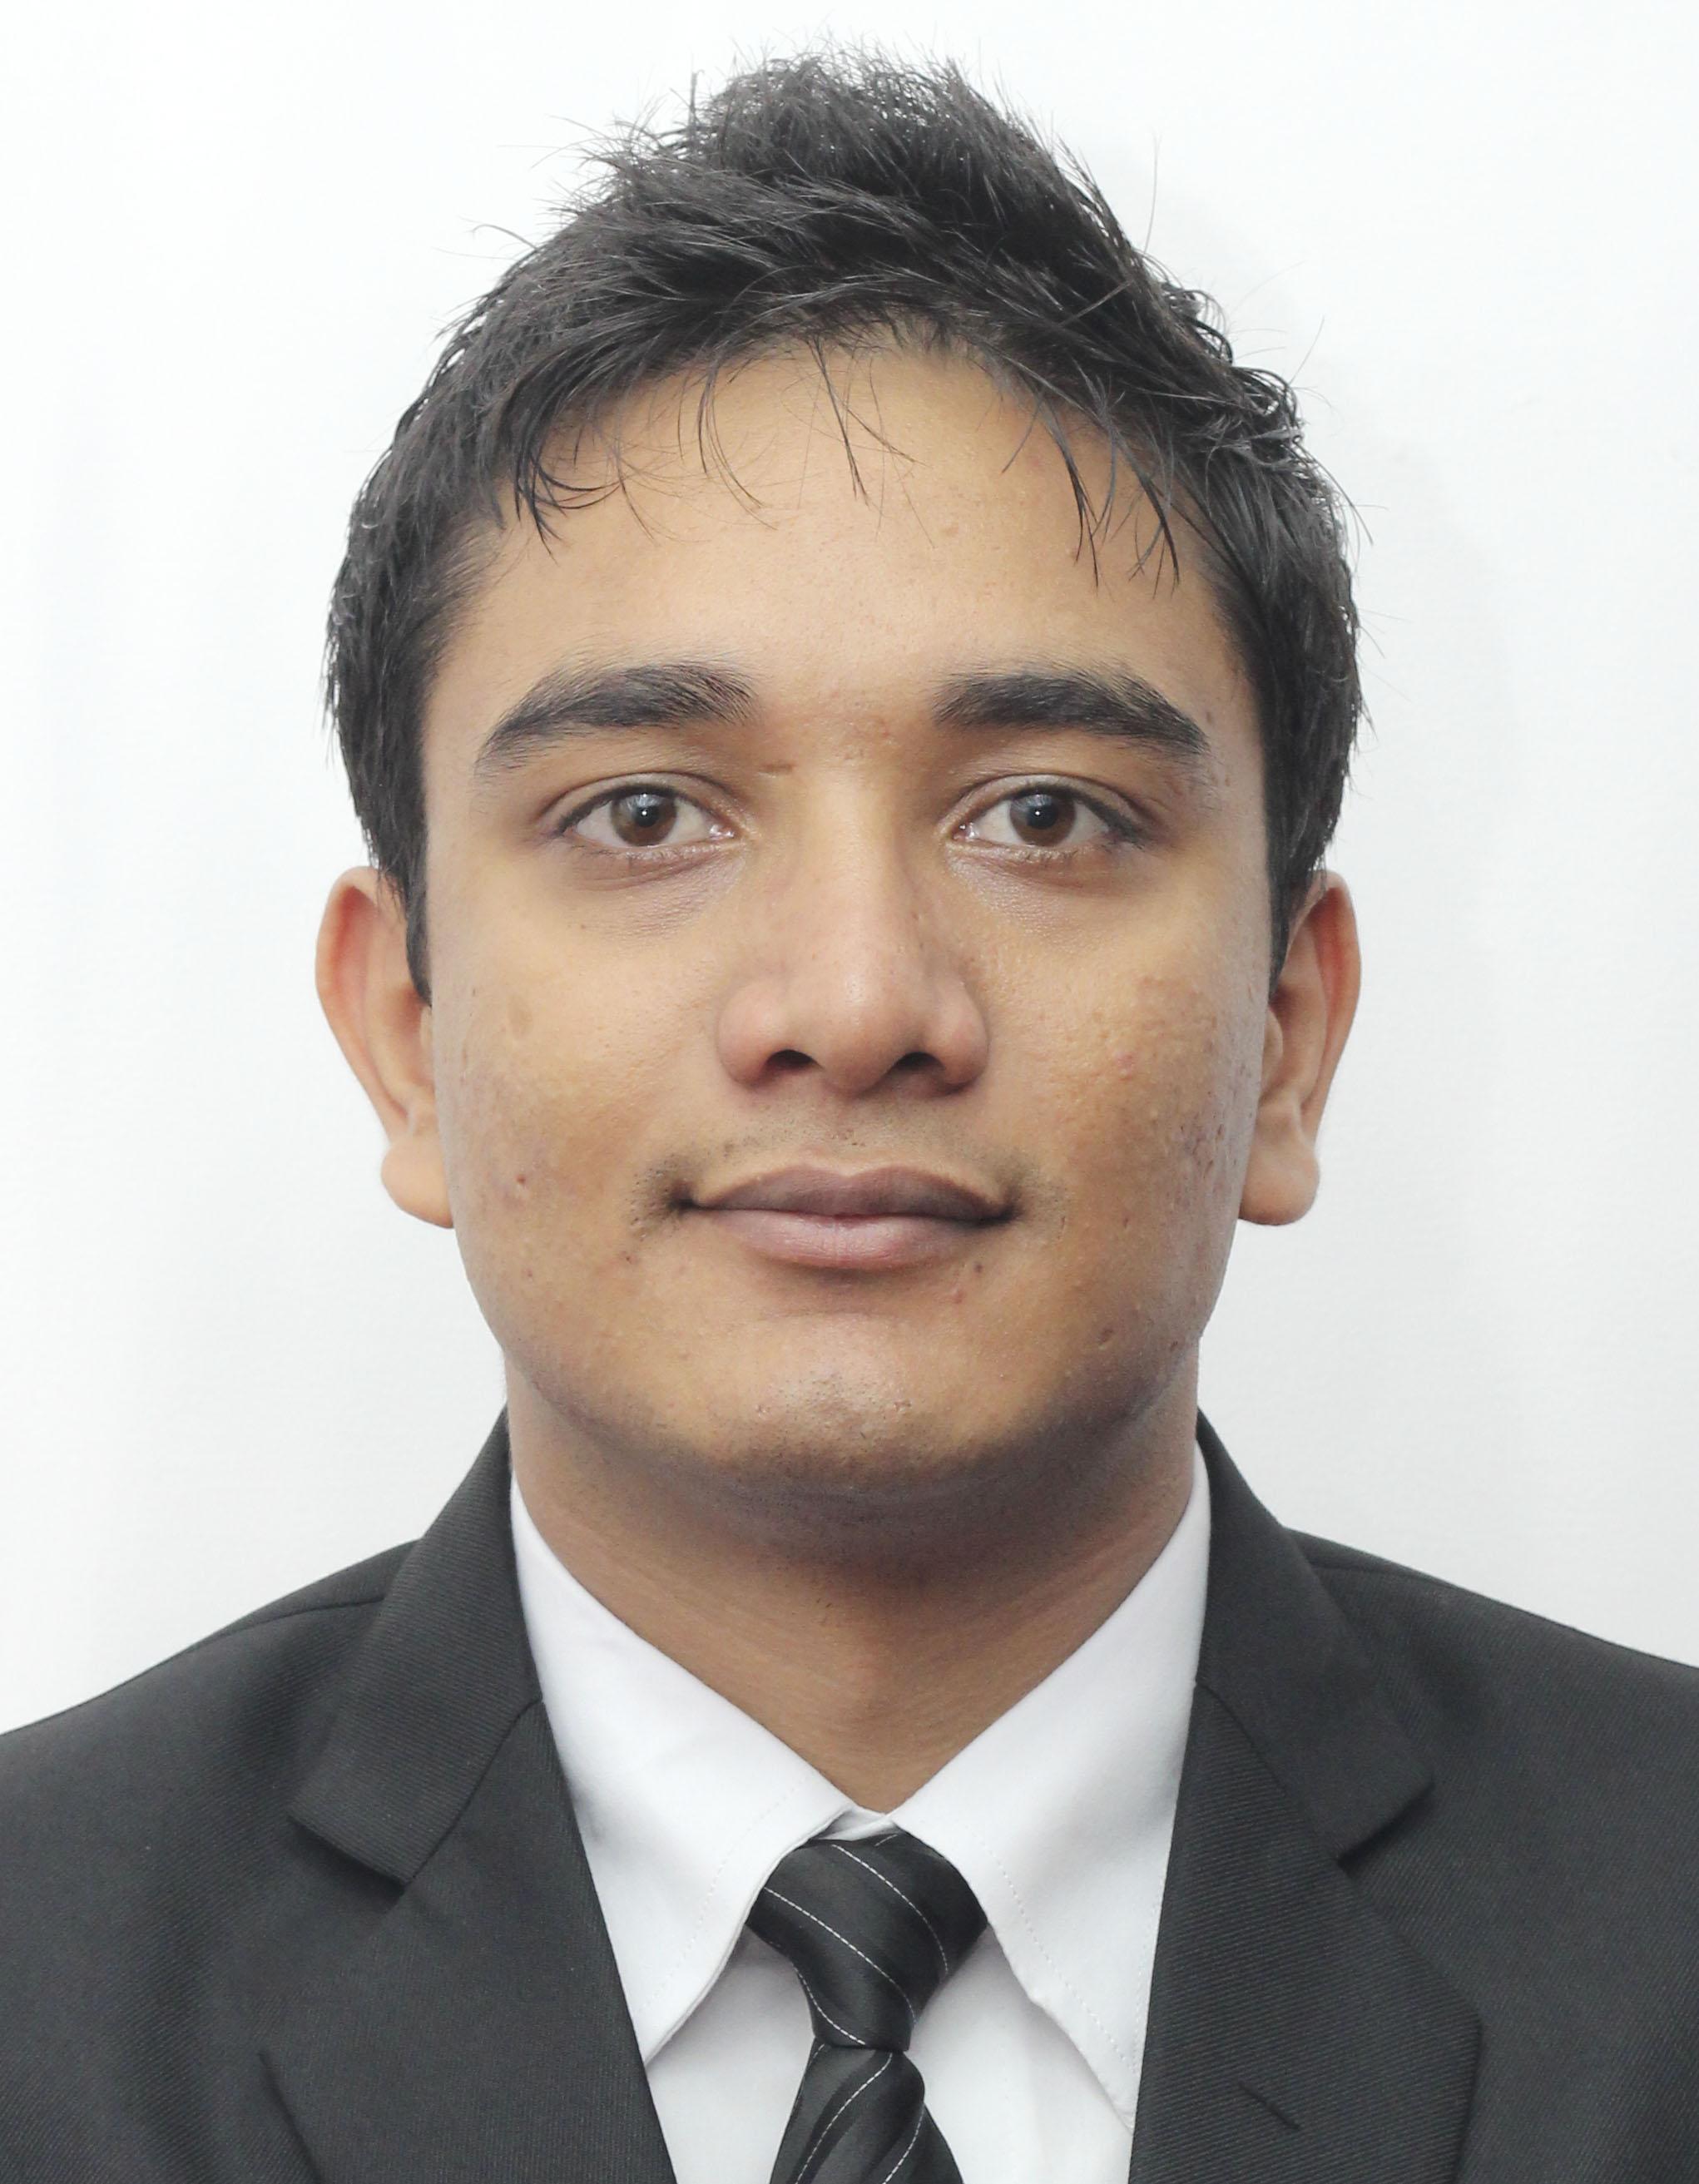 M. S. Saini